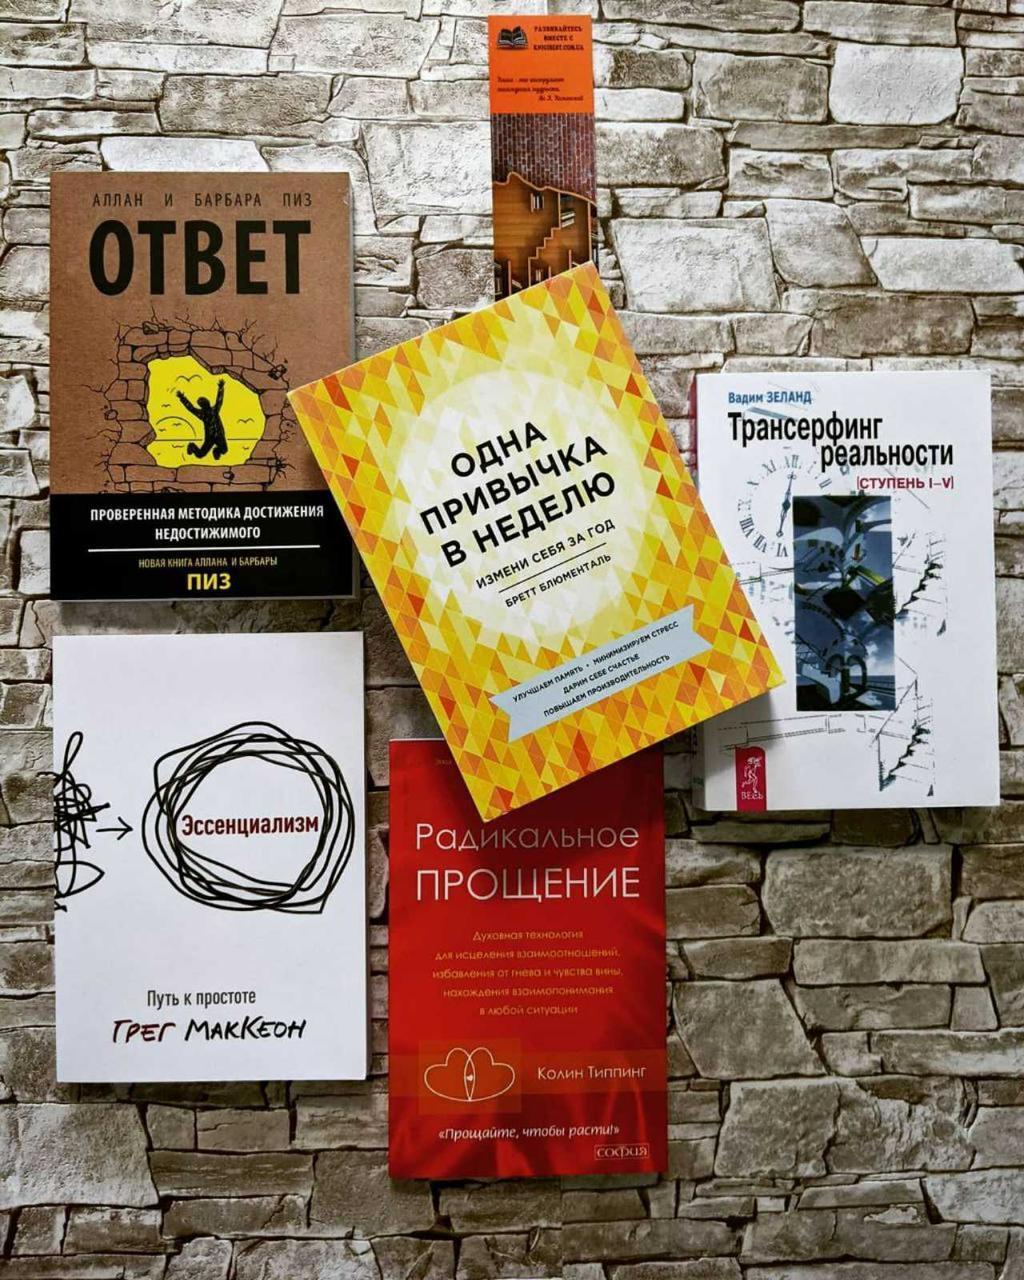 """Набор ТОП 5 книг по саморазвитию """"Одна привычка в неделю"""",""""Трансерфинг реальности 1-5 ступеней"""" и др."""